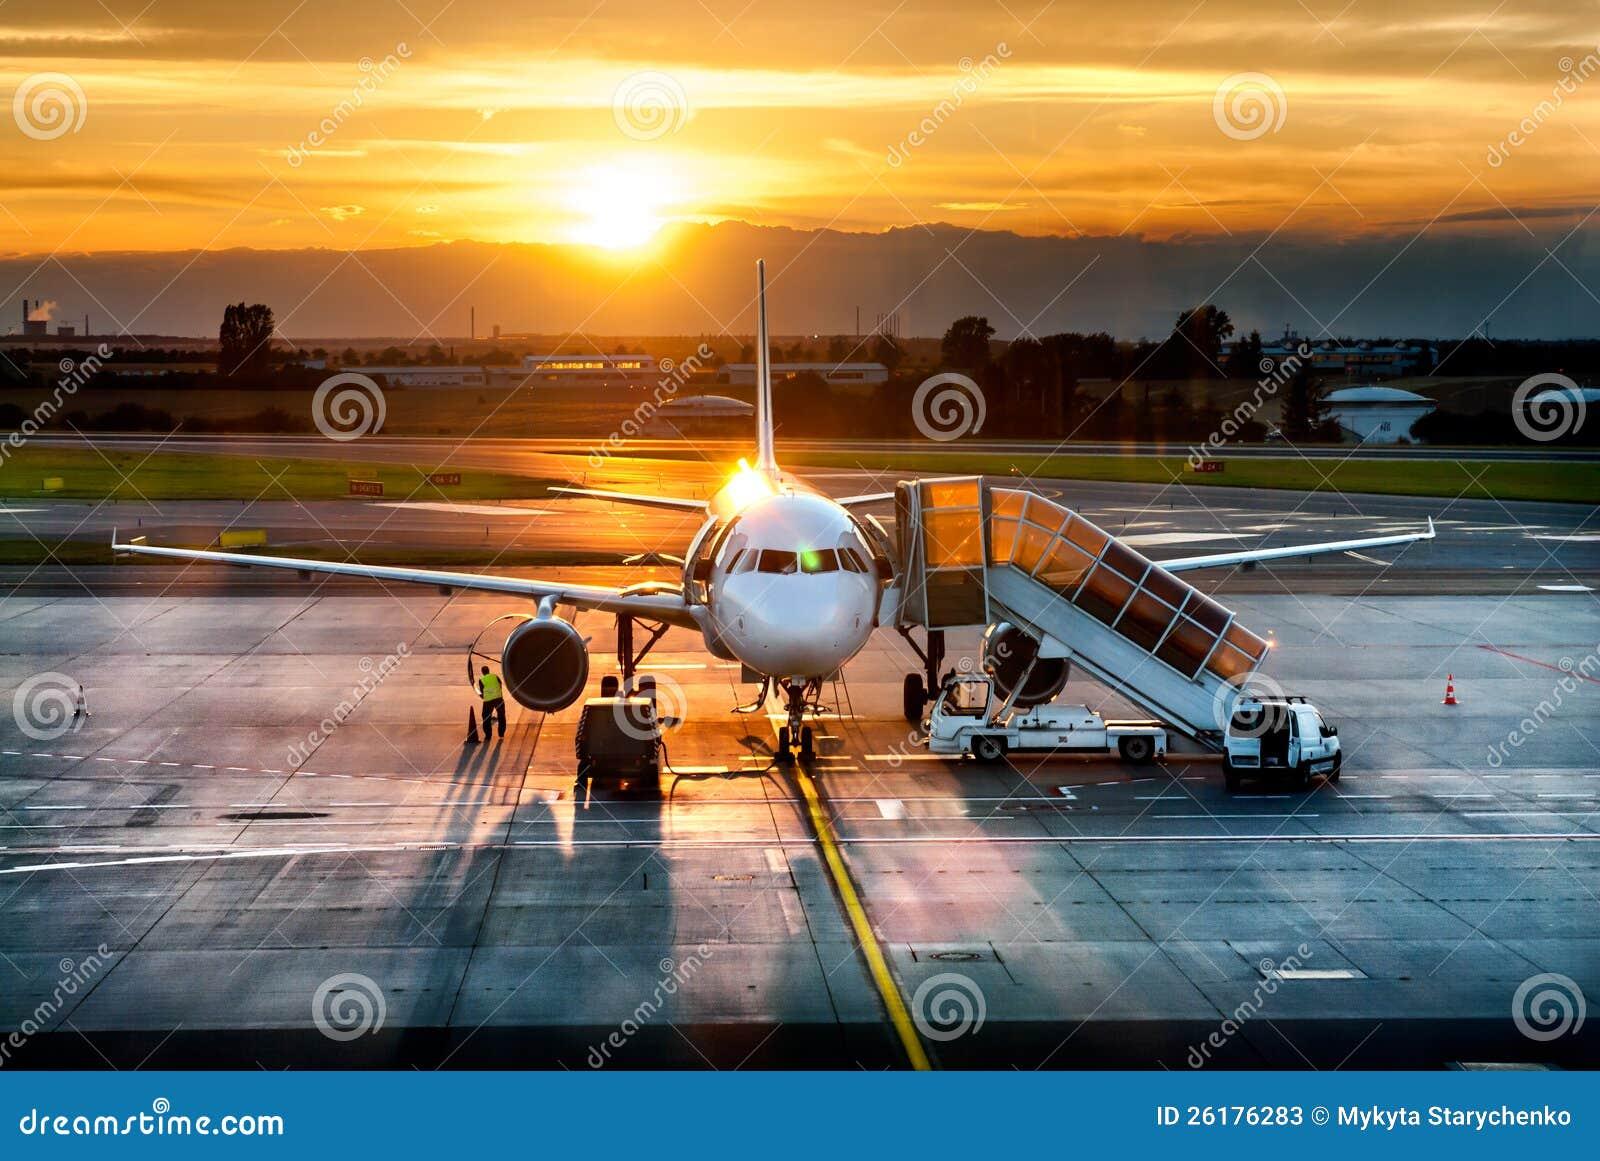 Flugzeug nahe dem Terminal in einem Flughafen